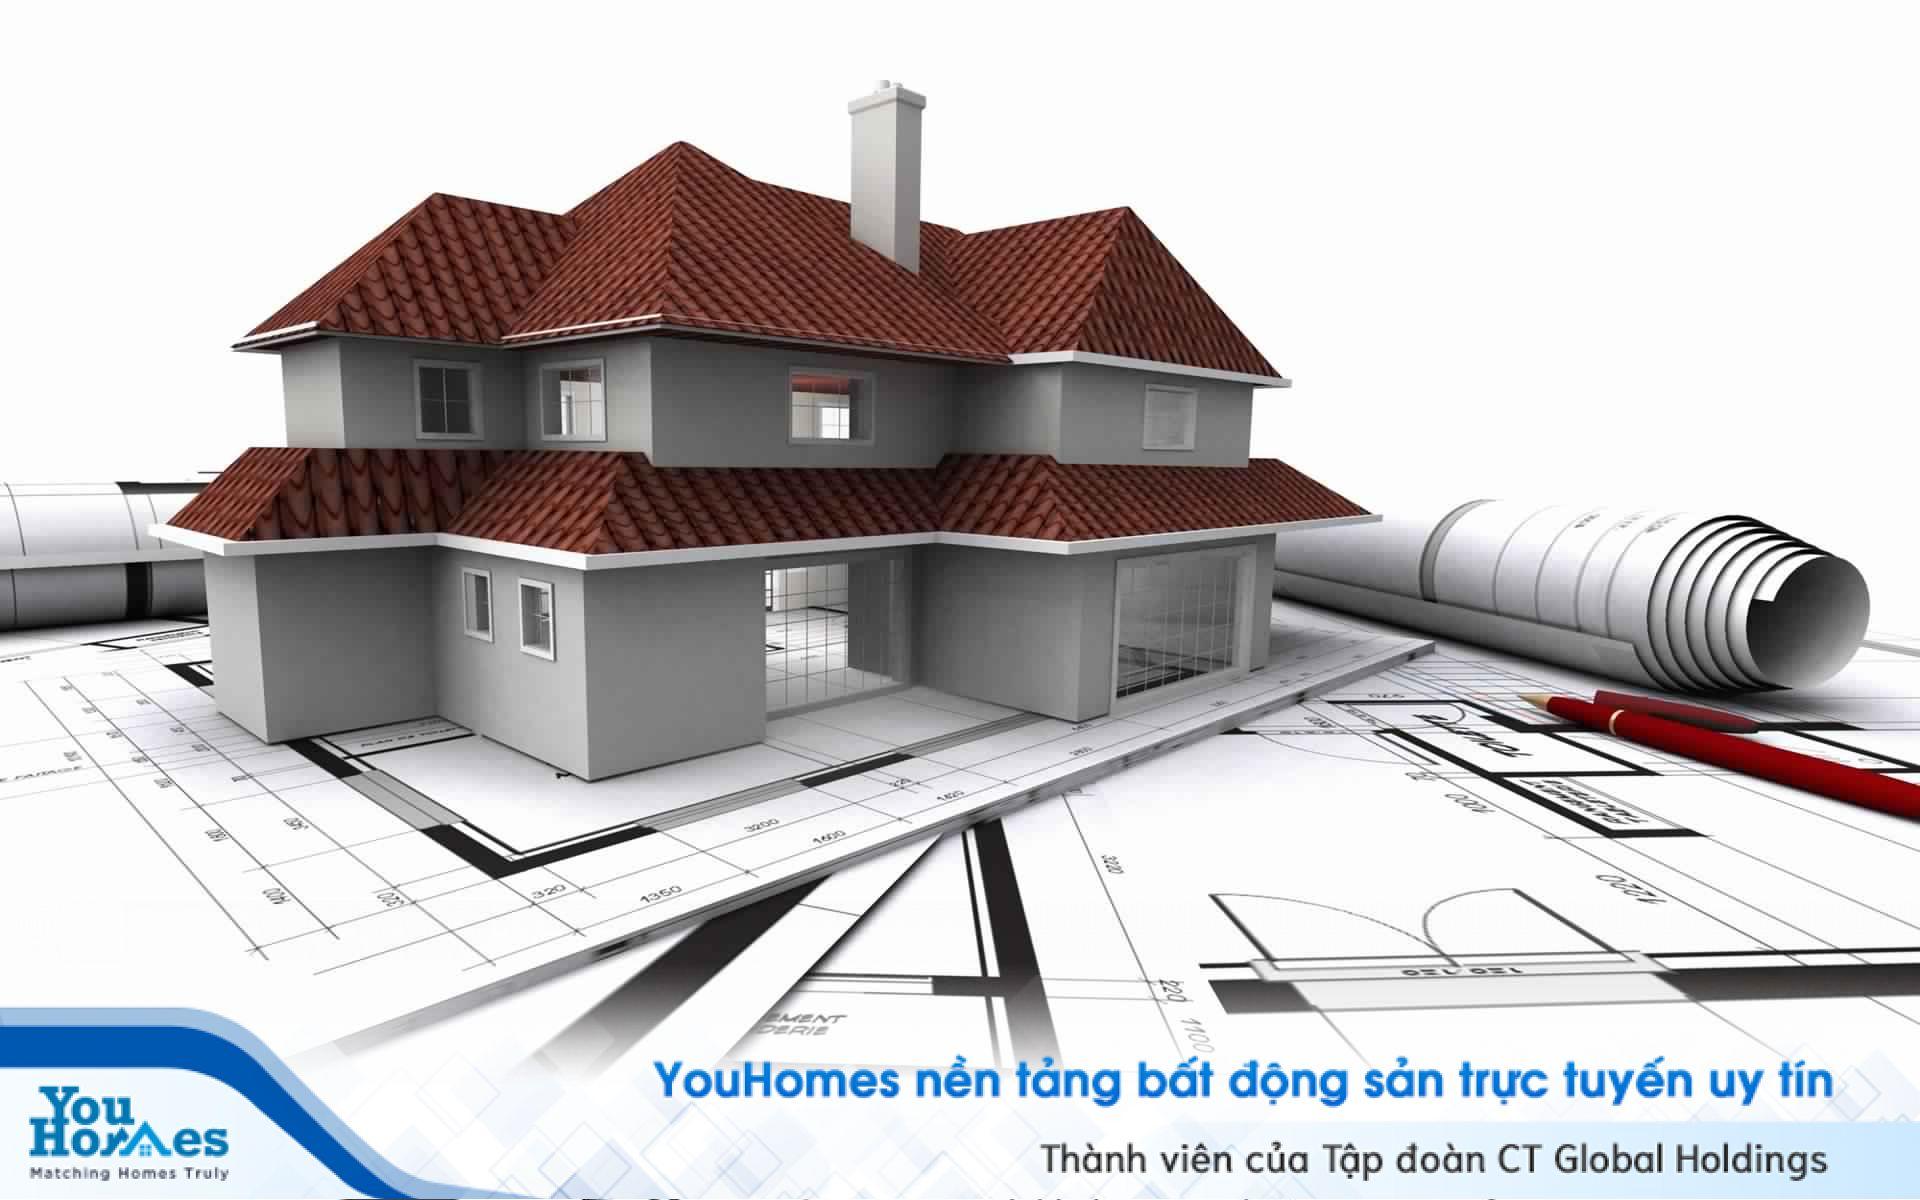 Liệu có gặp rủi ro khi mua nhà chưa hoàn công?